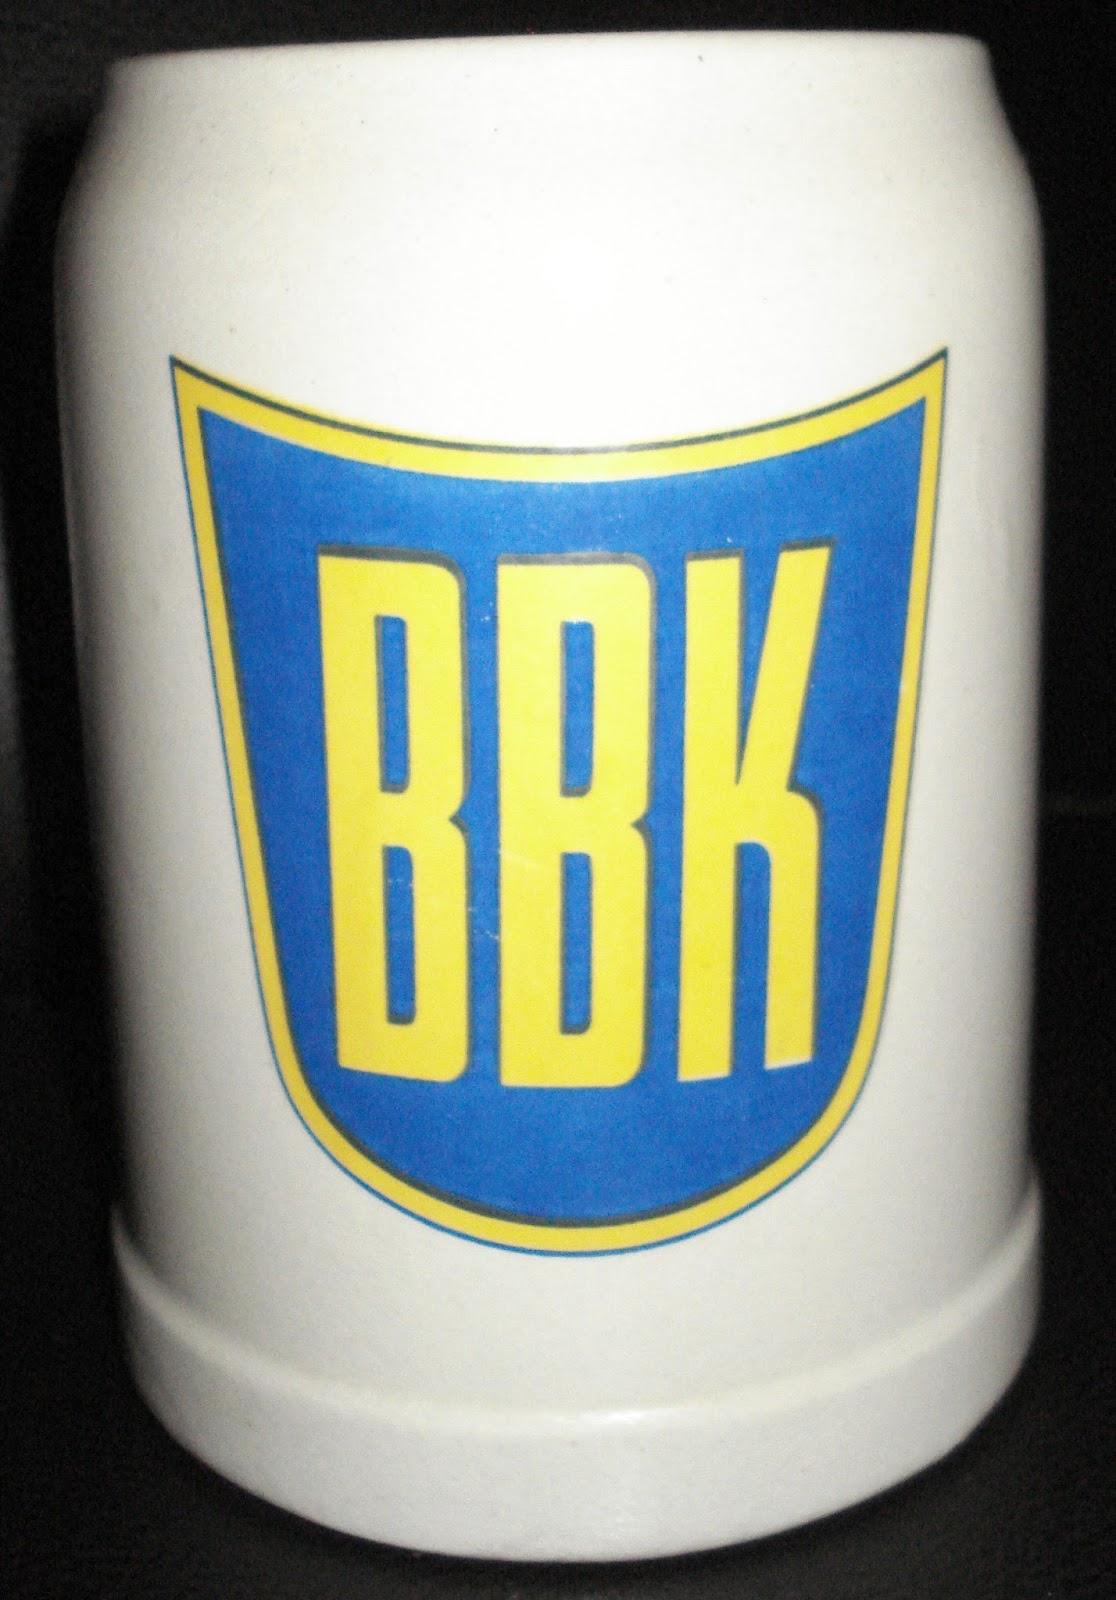 Kaiserslautern Pfalz Bilder Und Anderes Bierkruge Bender Bier